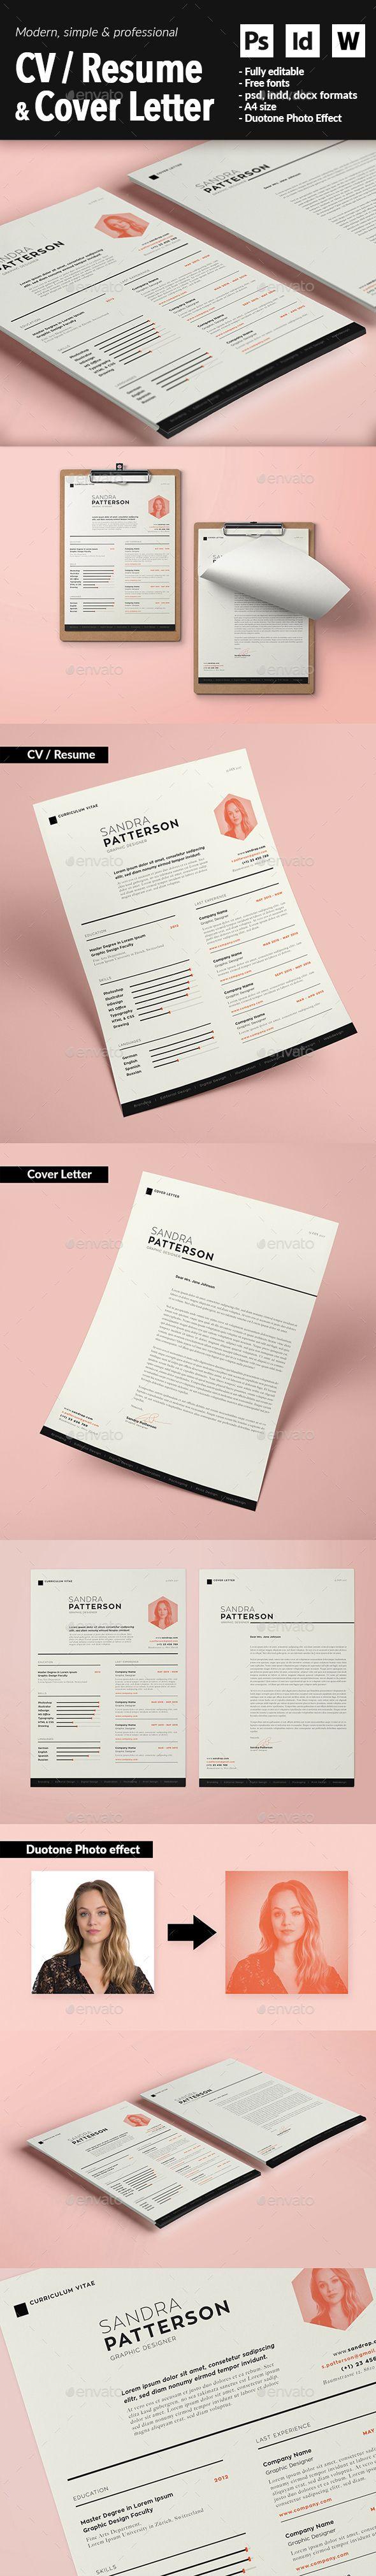 CV / Resume & Cover Letter | Pinterest